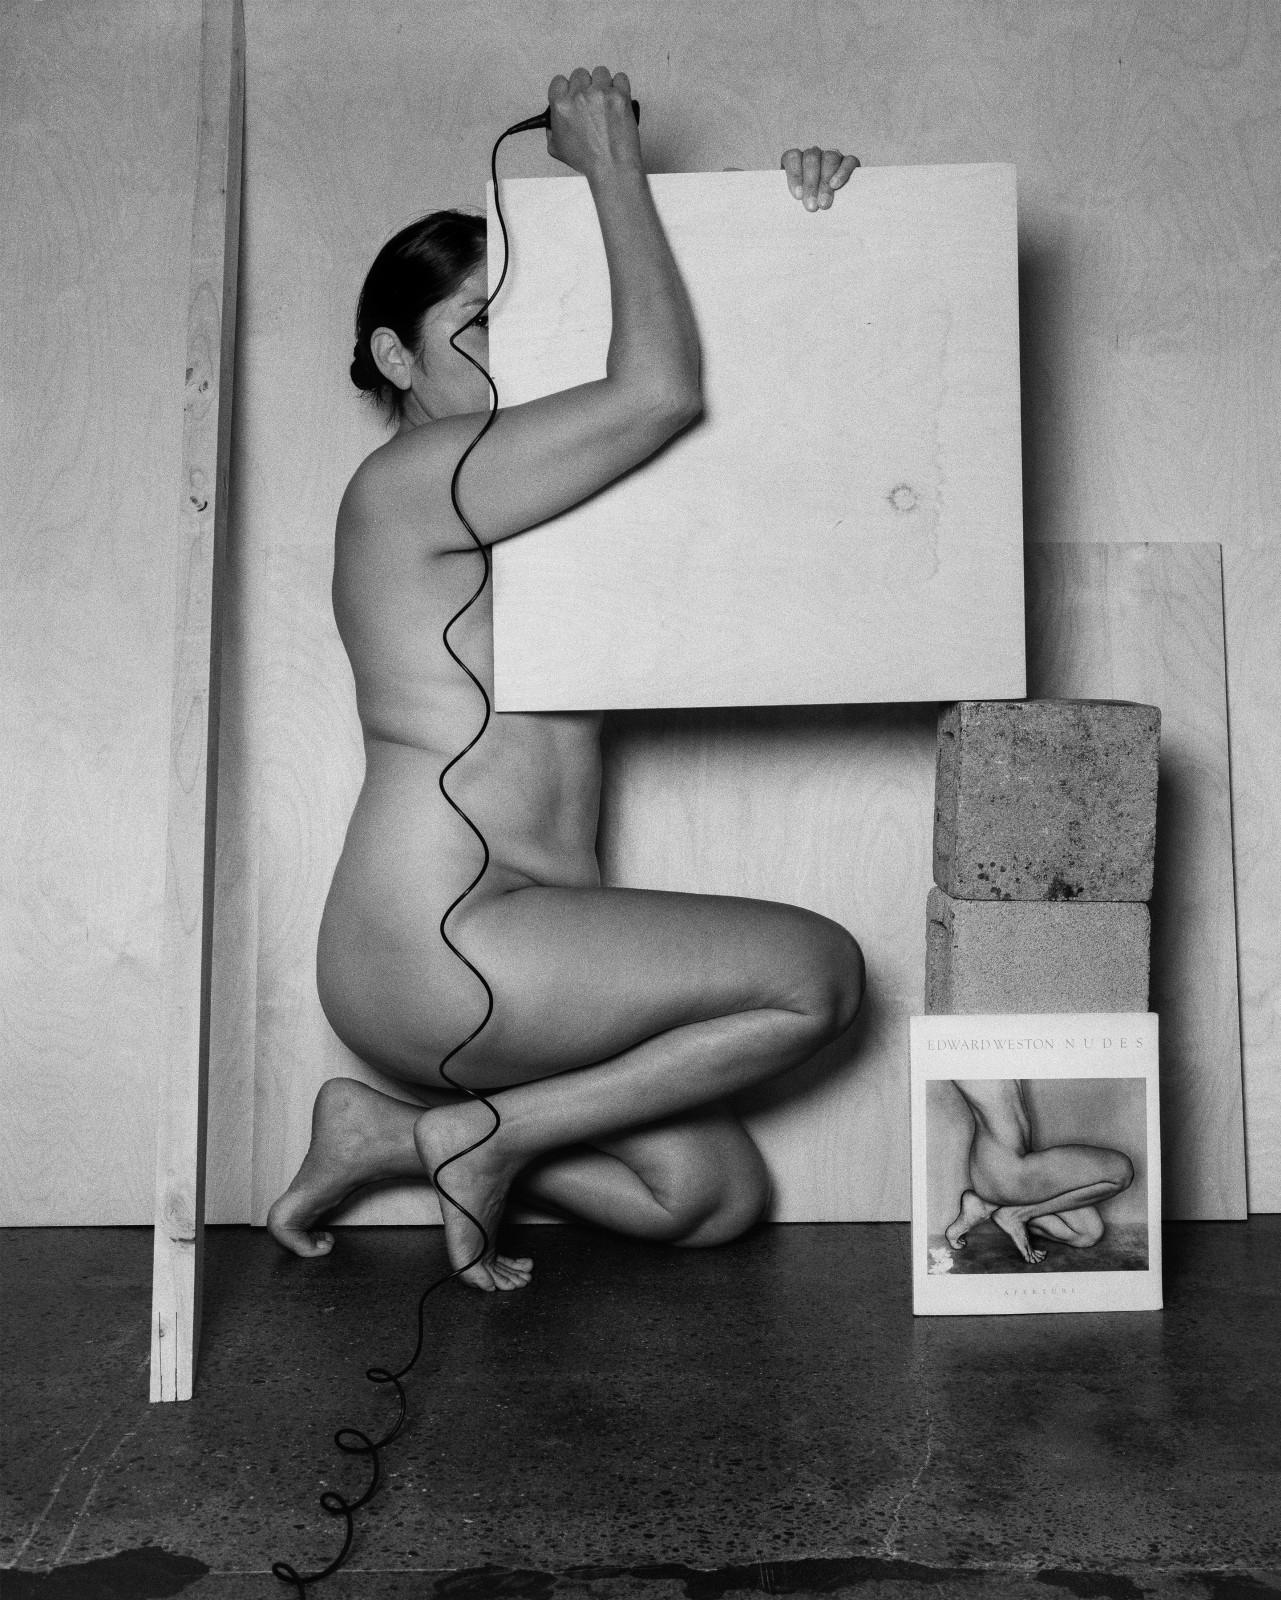 Tarrah Krajnak, Autoportrait en Weston-en Bertha Wardell, 1927-2020, série Rituels de maîtres II ; les Nus de Weston, 2020 - Avec l'aimable autorisation de l'artiste